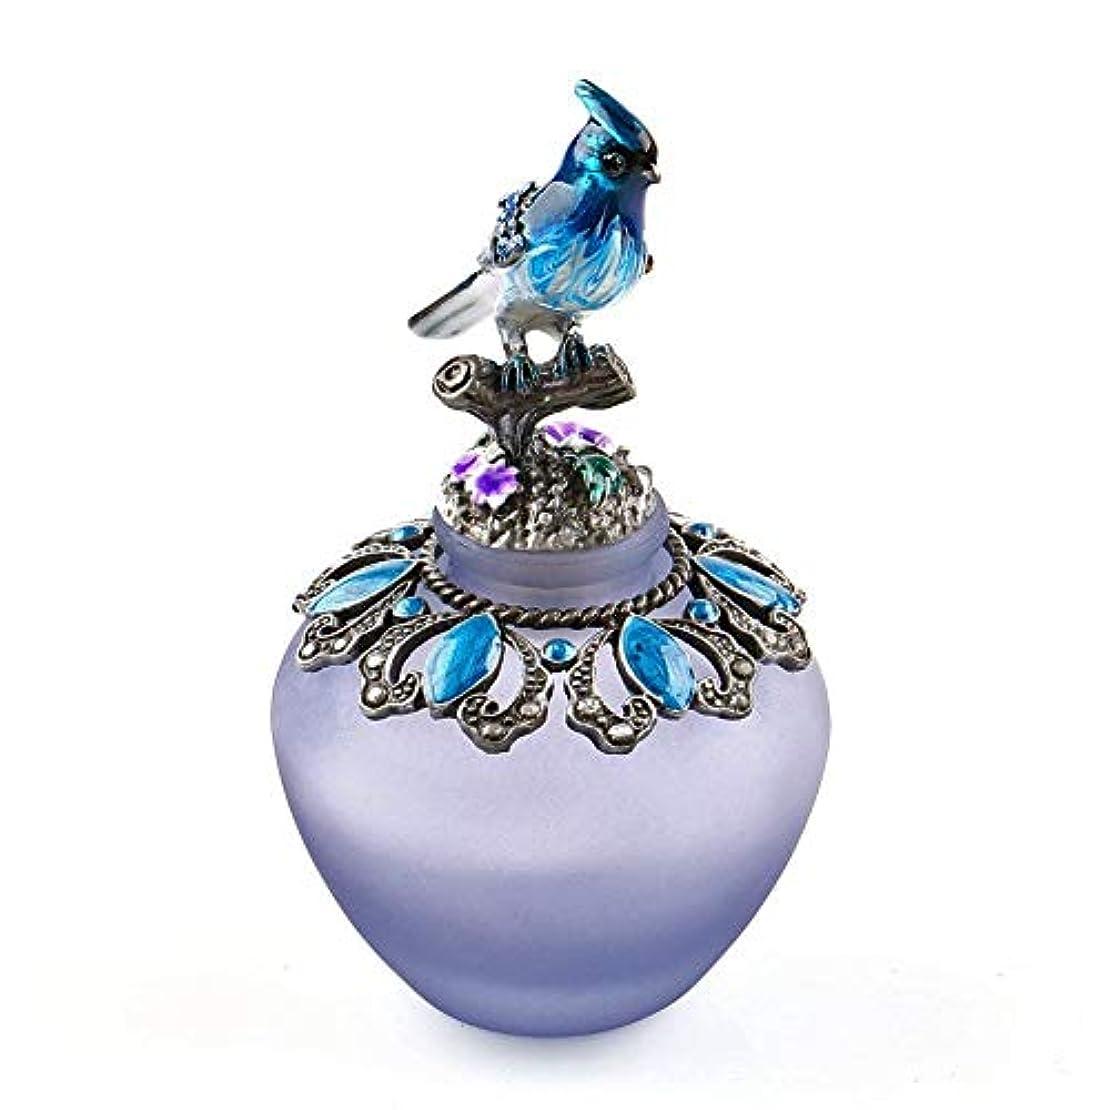 恐怖沼地司令官EasyRaku 高品質 美しい香水瓶 鳥40ML ガラスアロマボトル 綺麗アンティーク調欧風デザイン クリスマスプレゼント 結婚式 飾り